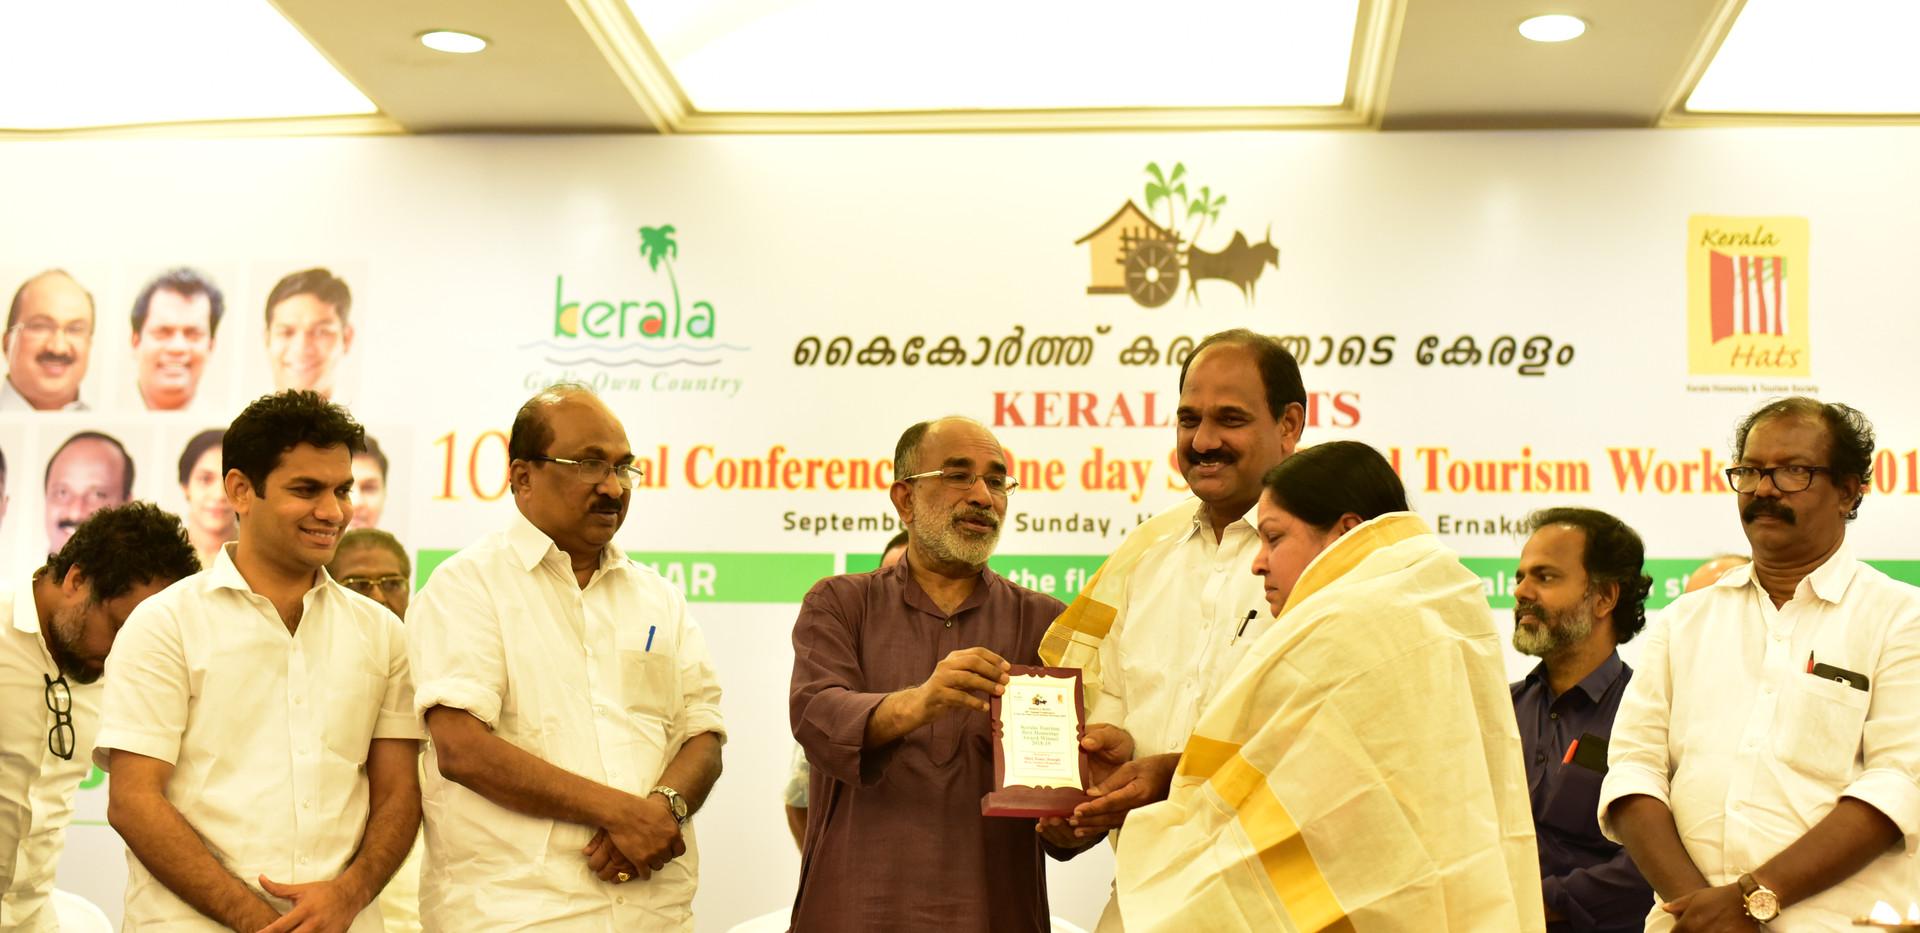 Best B&B KERALA HATS 17-18 Receiving the Award for the Best Homestay in Kerala